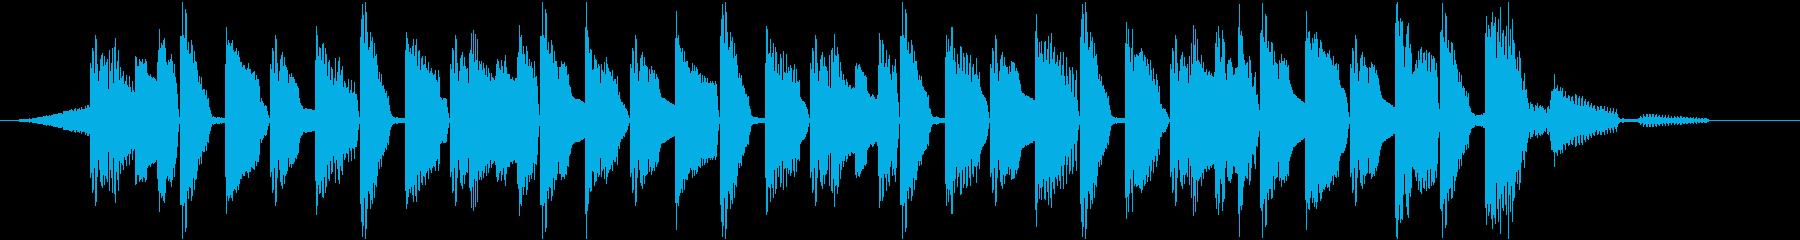 10秒 ラジオのジングルや動画のOP向けの再生済みの波形